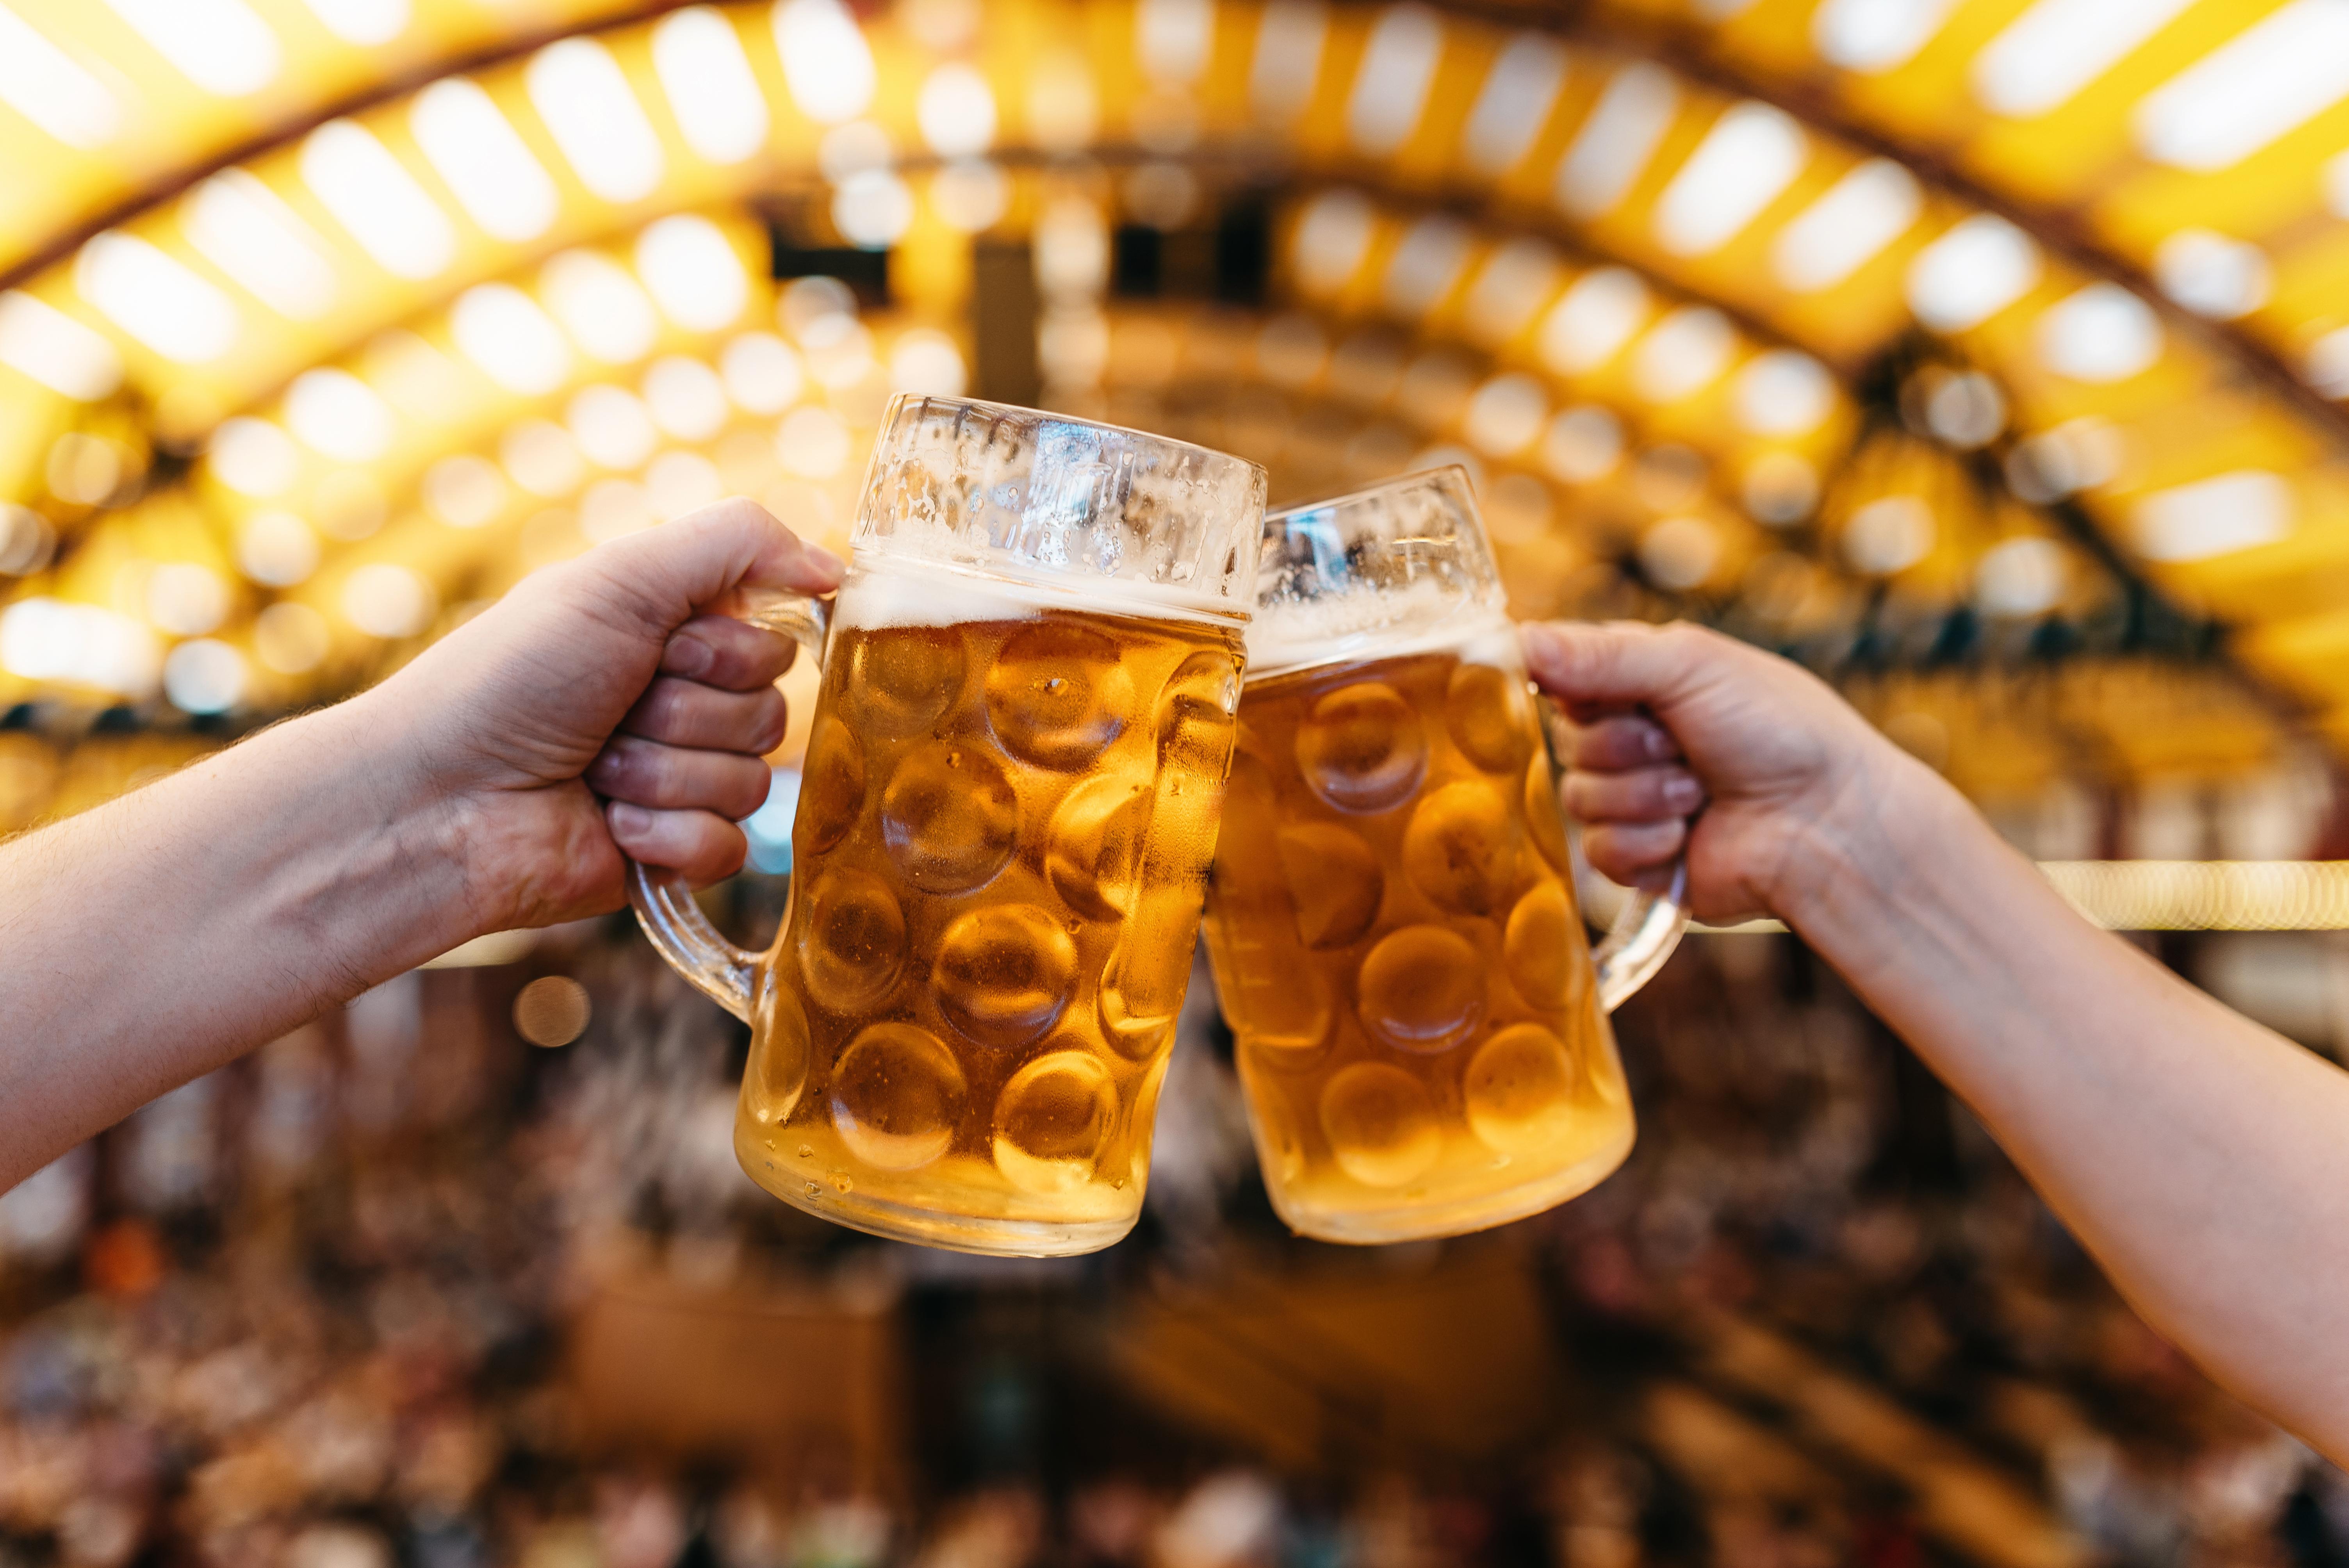 Conoce la Oktoberfest de Múnich, la mayor fiesta de la cerveza del mundo - Alemania Circuito Alemania y Austria: de Múnich a Viena